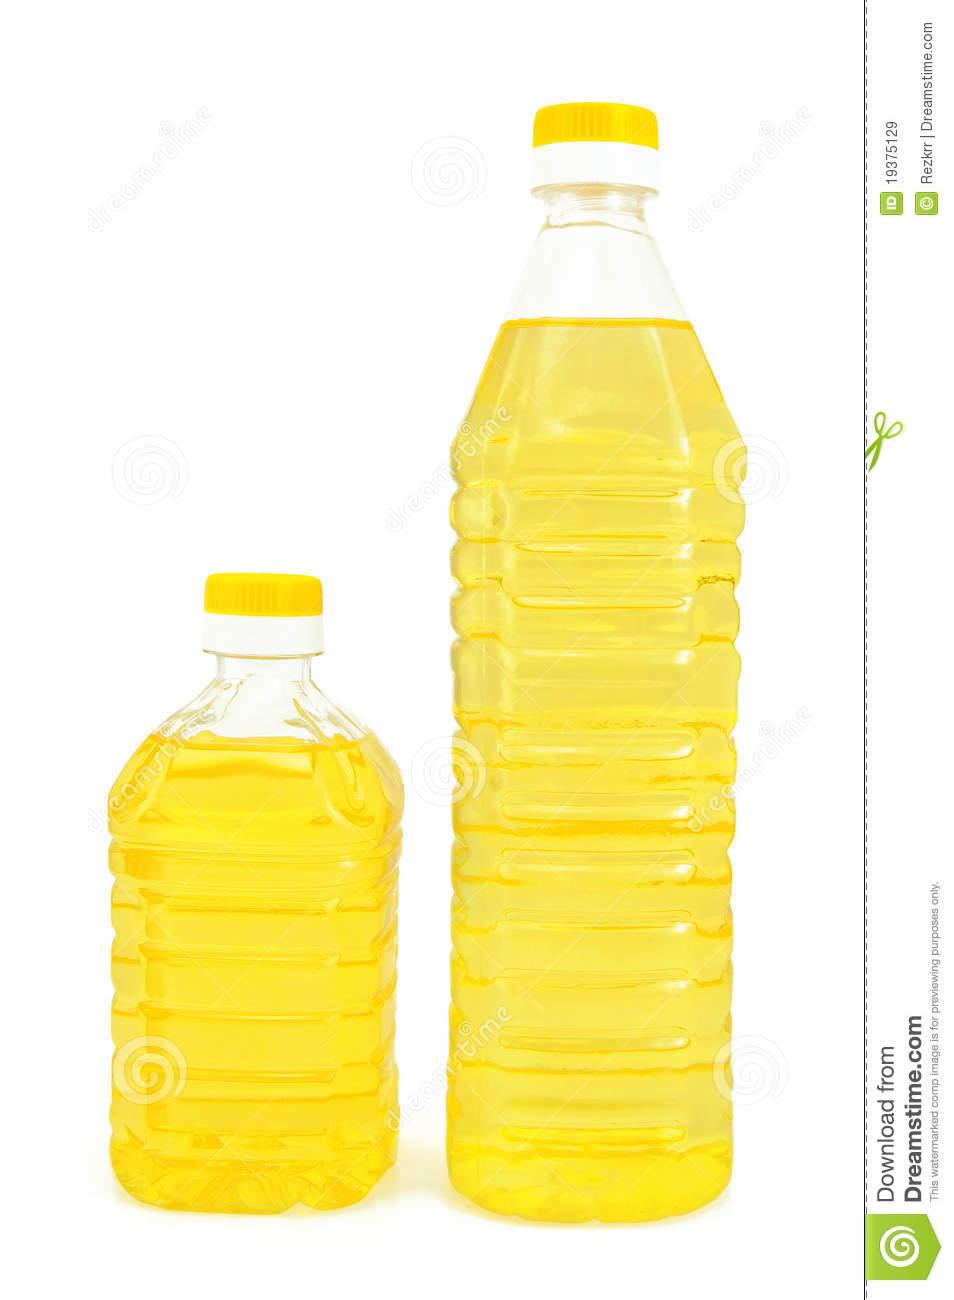 Vegetable Oil Clipart Vegetable Oil In Two Bottles #ryEZO2.